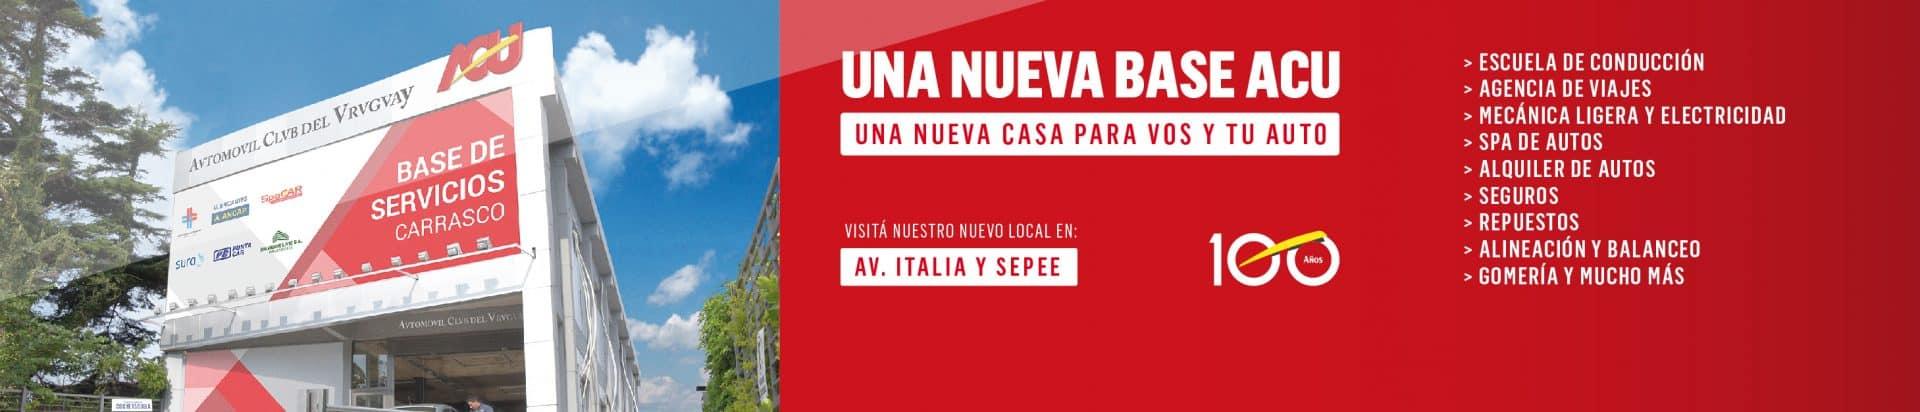 ACU_Base-Nueva-en-AvItalia_banner-web_V3_3